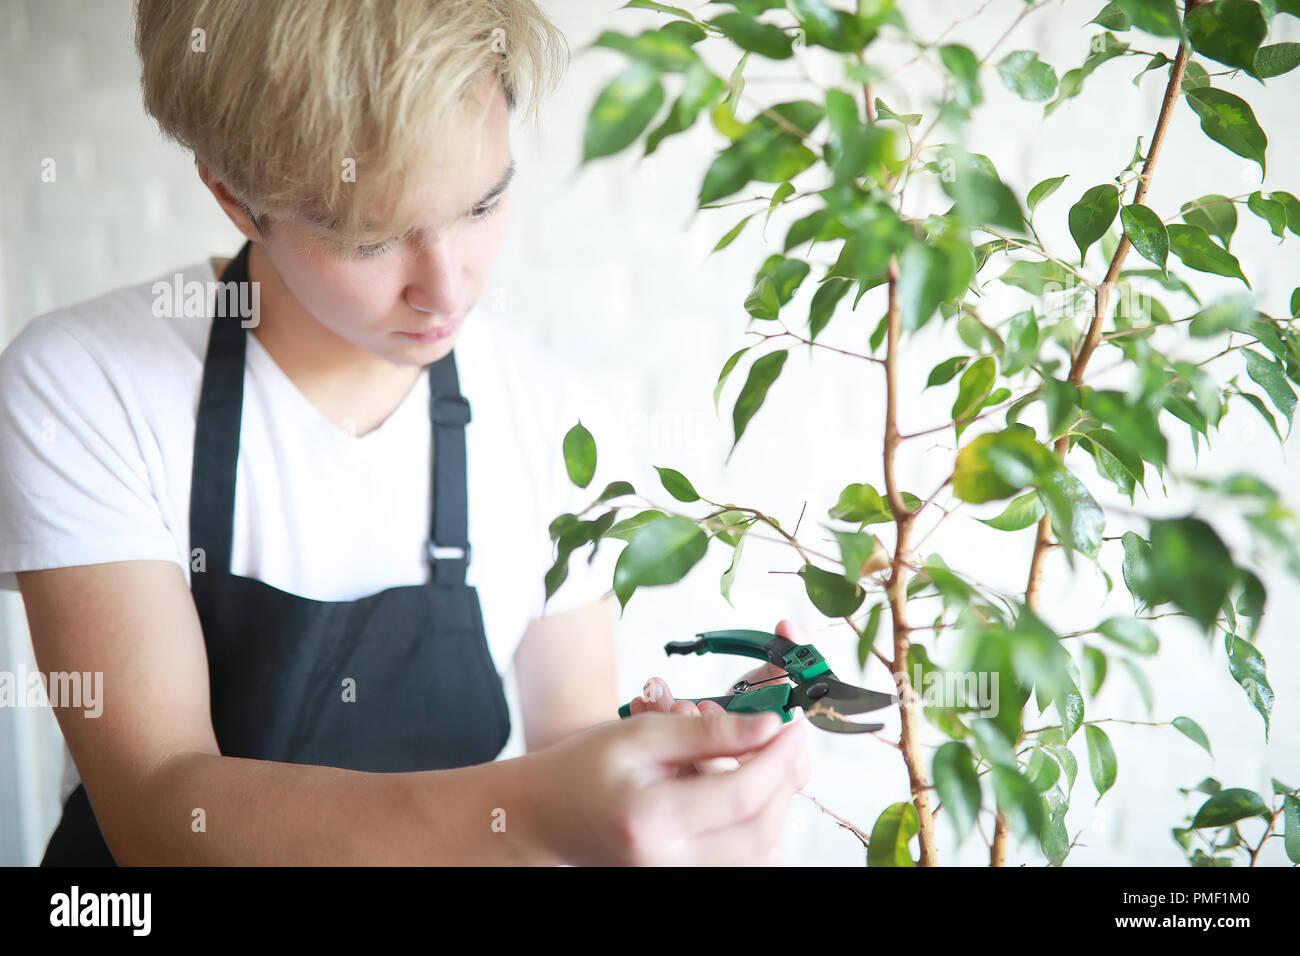 Junge Asiatische Junge Kummert Sich Um Die Zimmerpflanzen Stockfoto